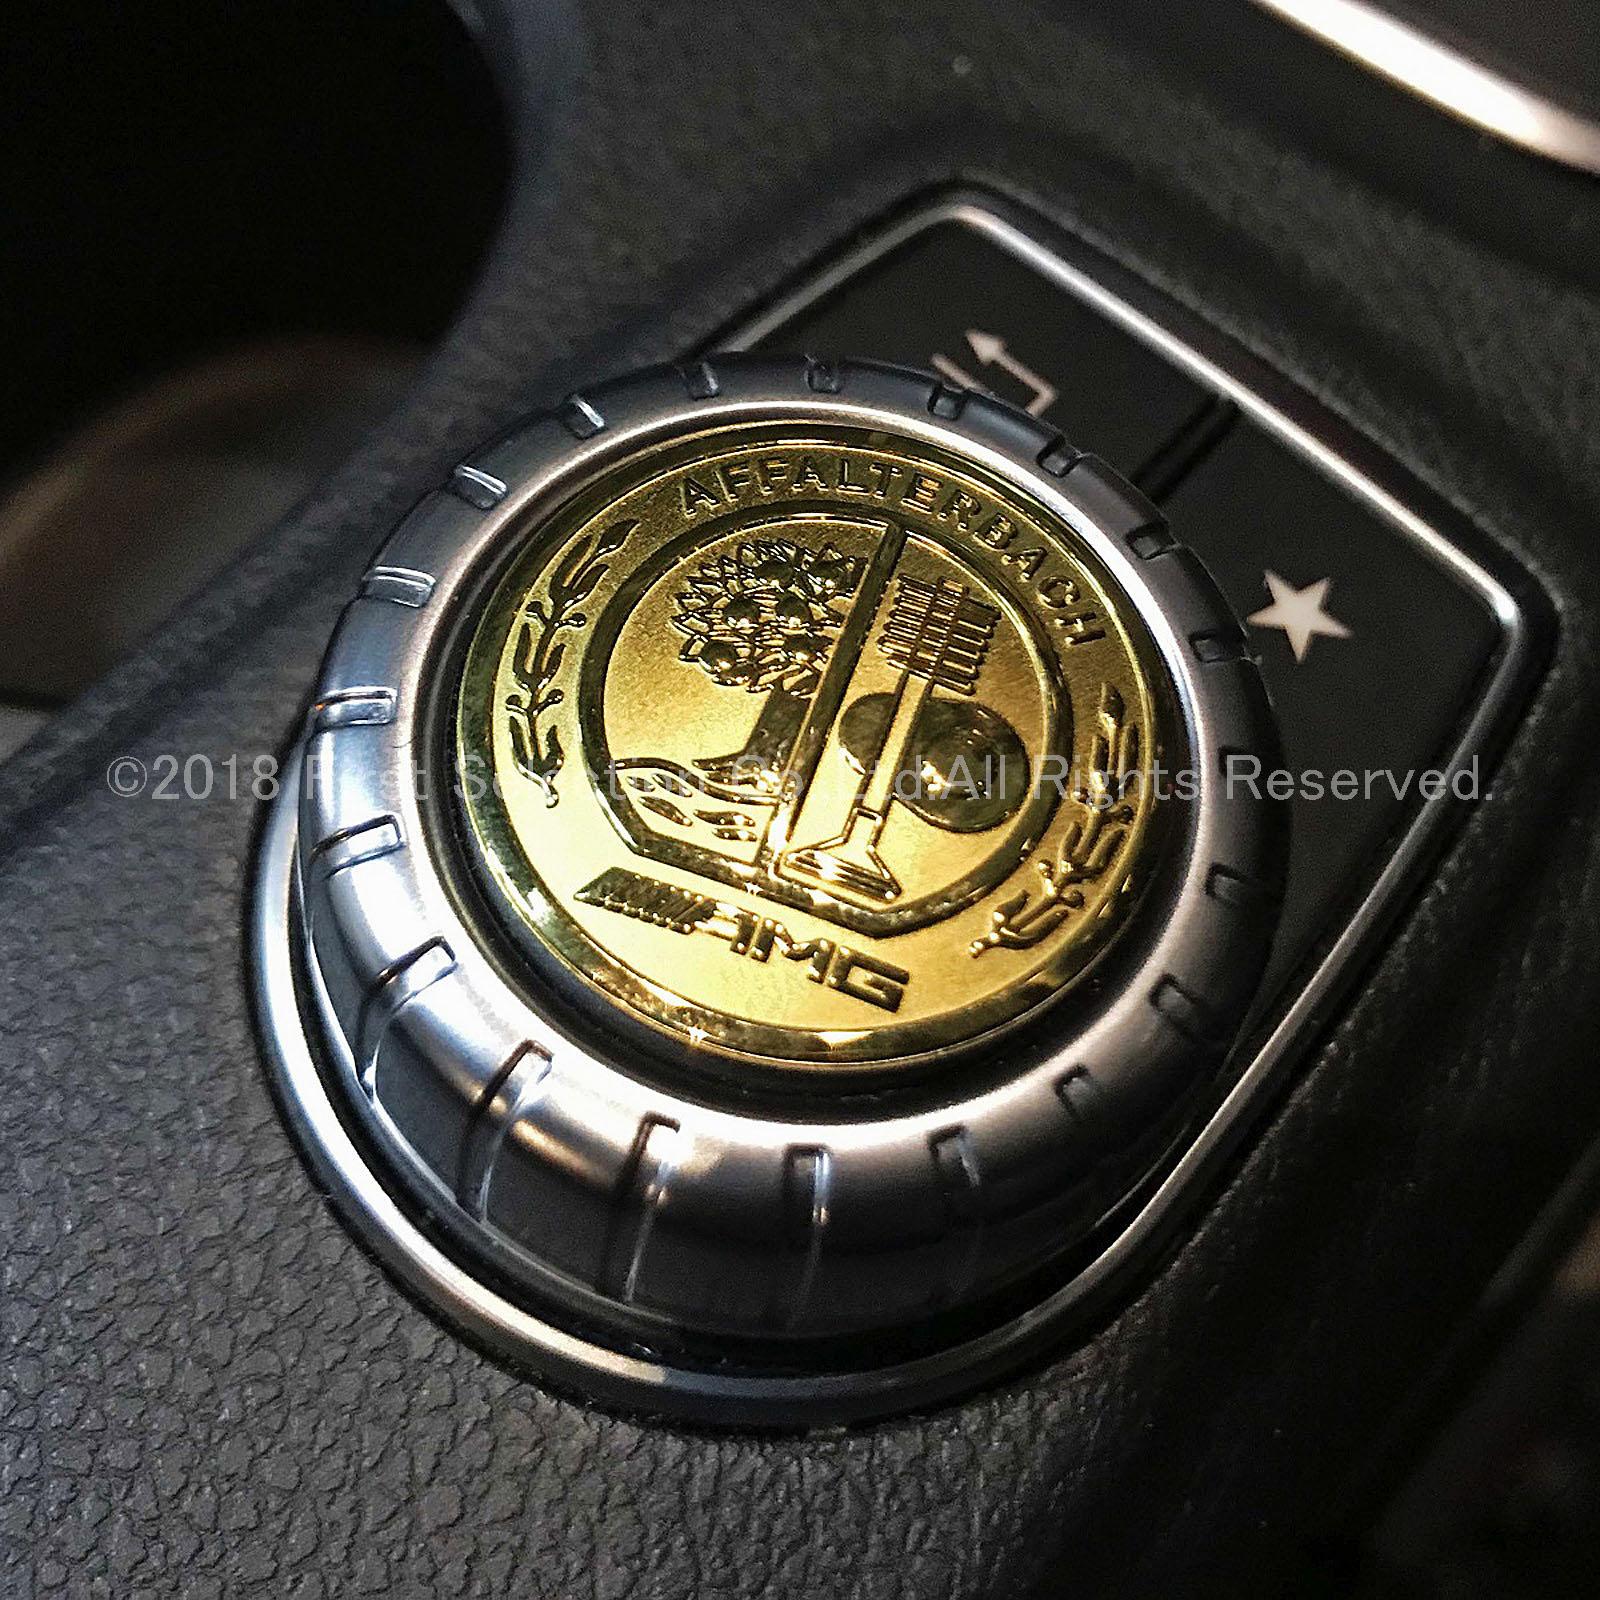 Mercedes-Benz ベンツ用 AMG金ロゴ 小型ダイヤルプレート W176 W246 W204 W212 W166 C117 C218 X156 X166 X204 R172